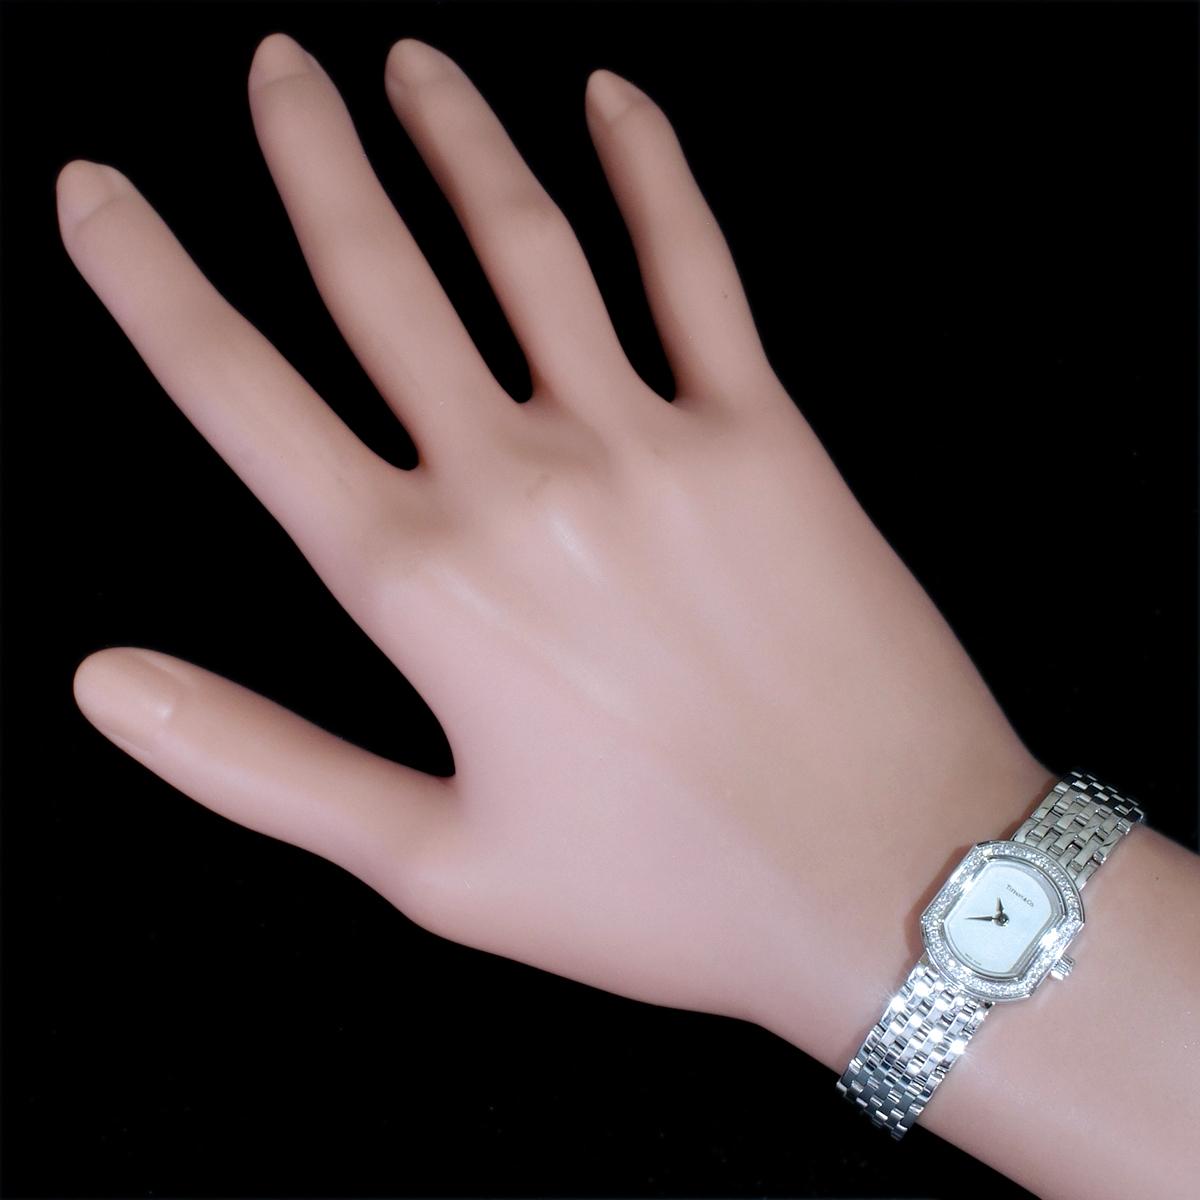 E8391【Tiffany&Co. 1837】ティファニー マーククーペ 純正ダイヤモンド 最高級18金WG無垢レディQZ 腕周り17cm 重量63.81g ケース幅16.7mm_画像4